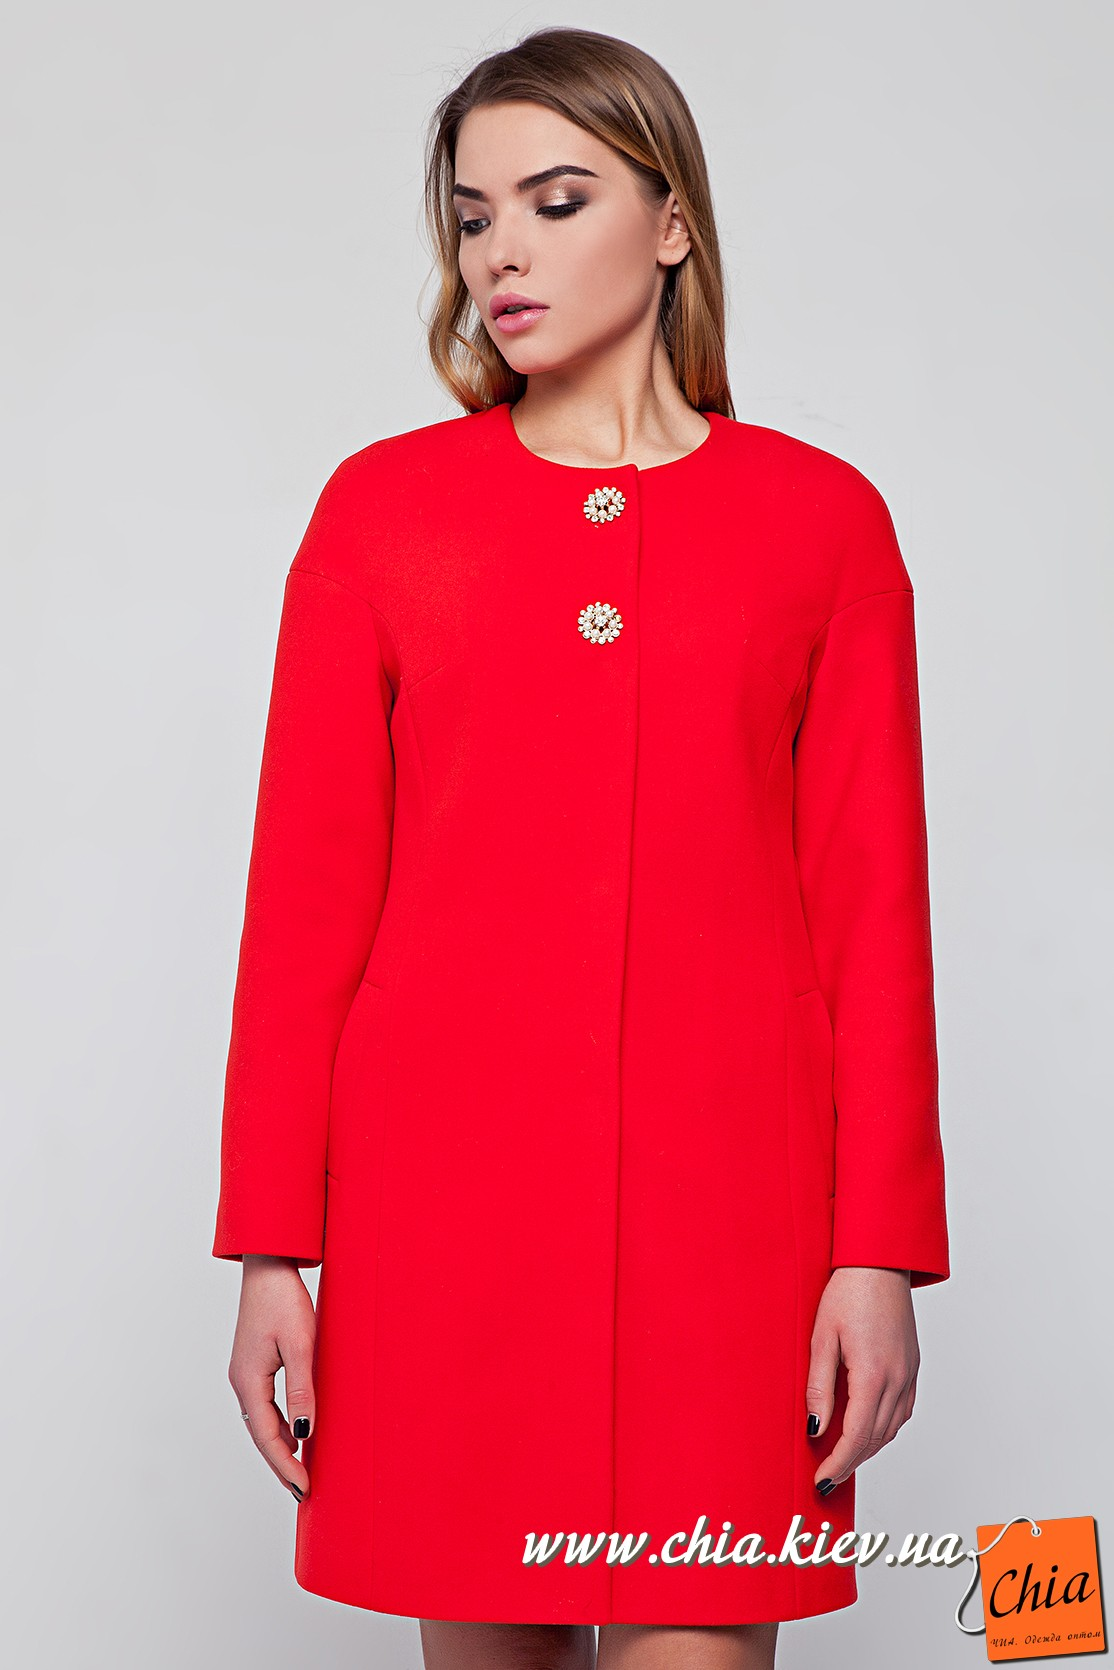 Купить пальто женское кашемировое недорого женские штаны в полоску фото